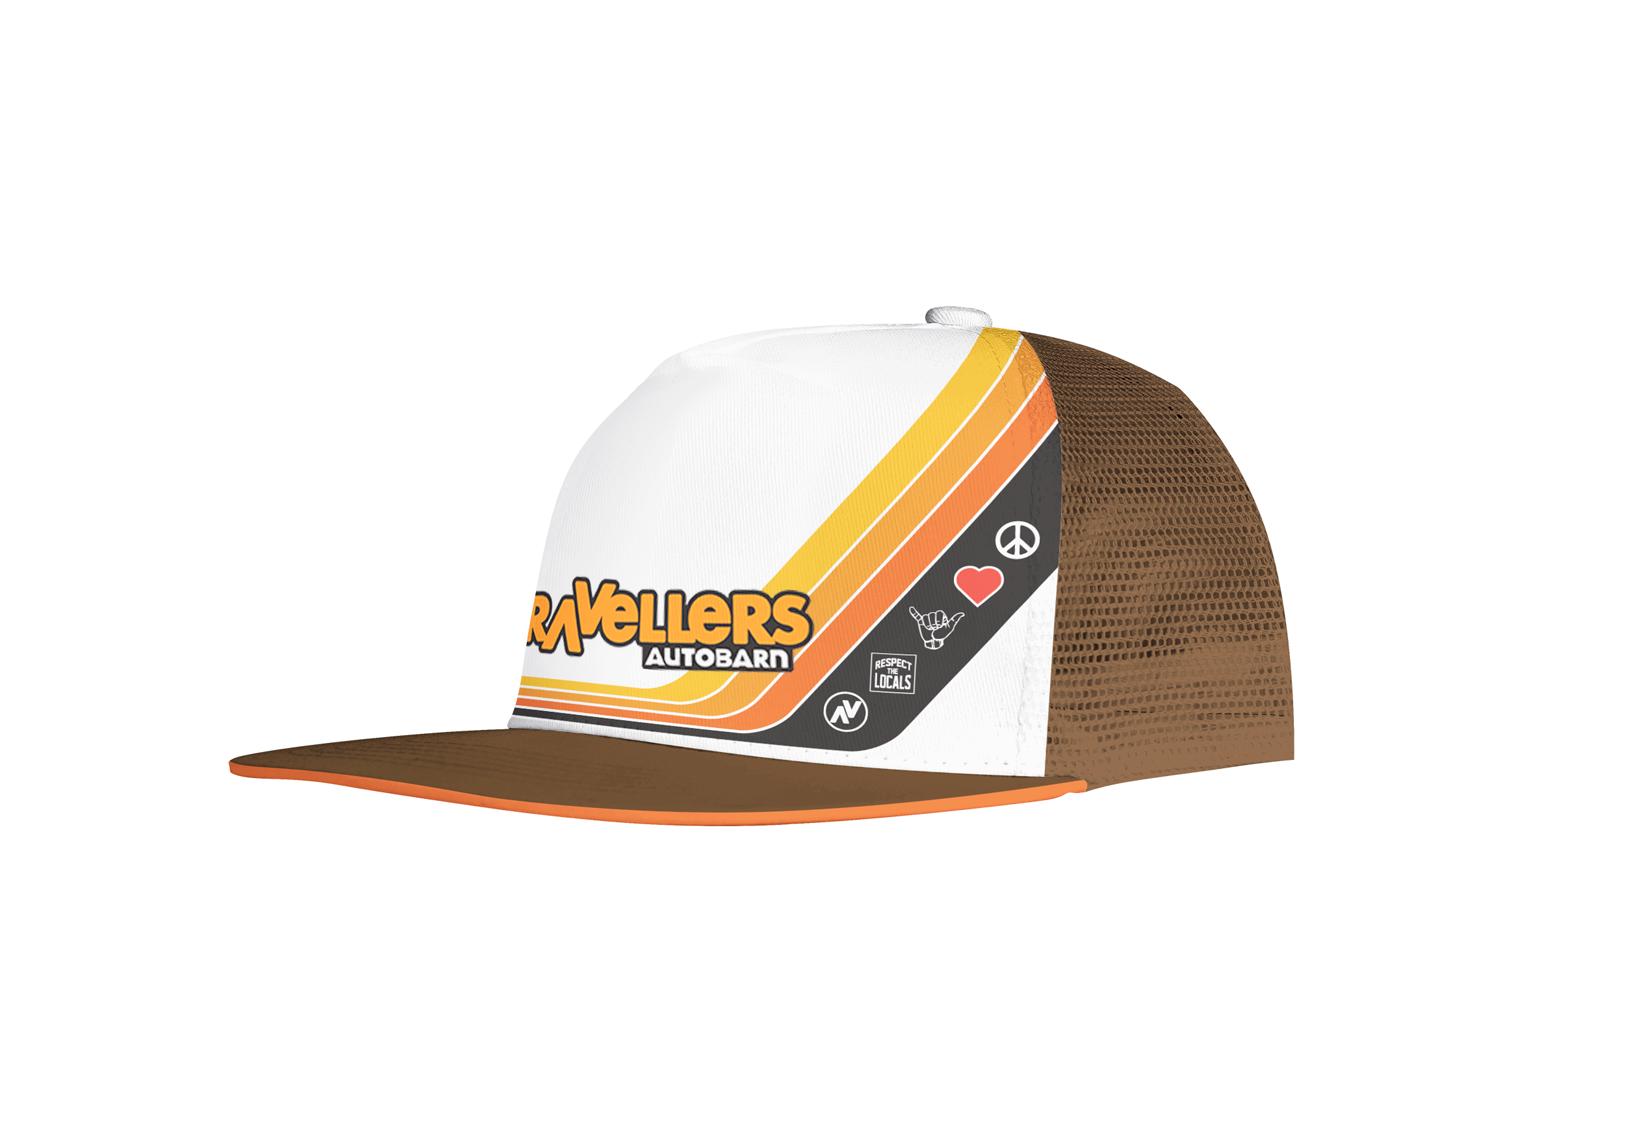 Design for Hat/Cap